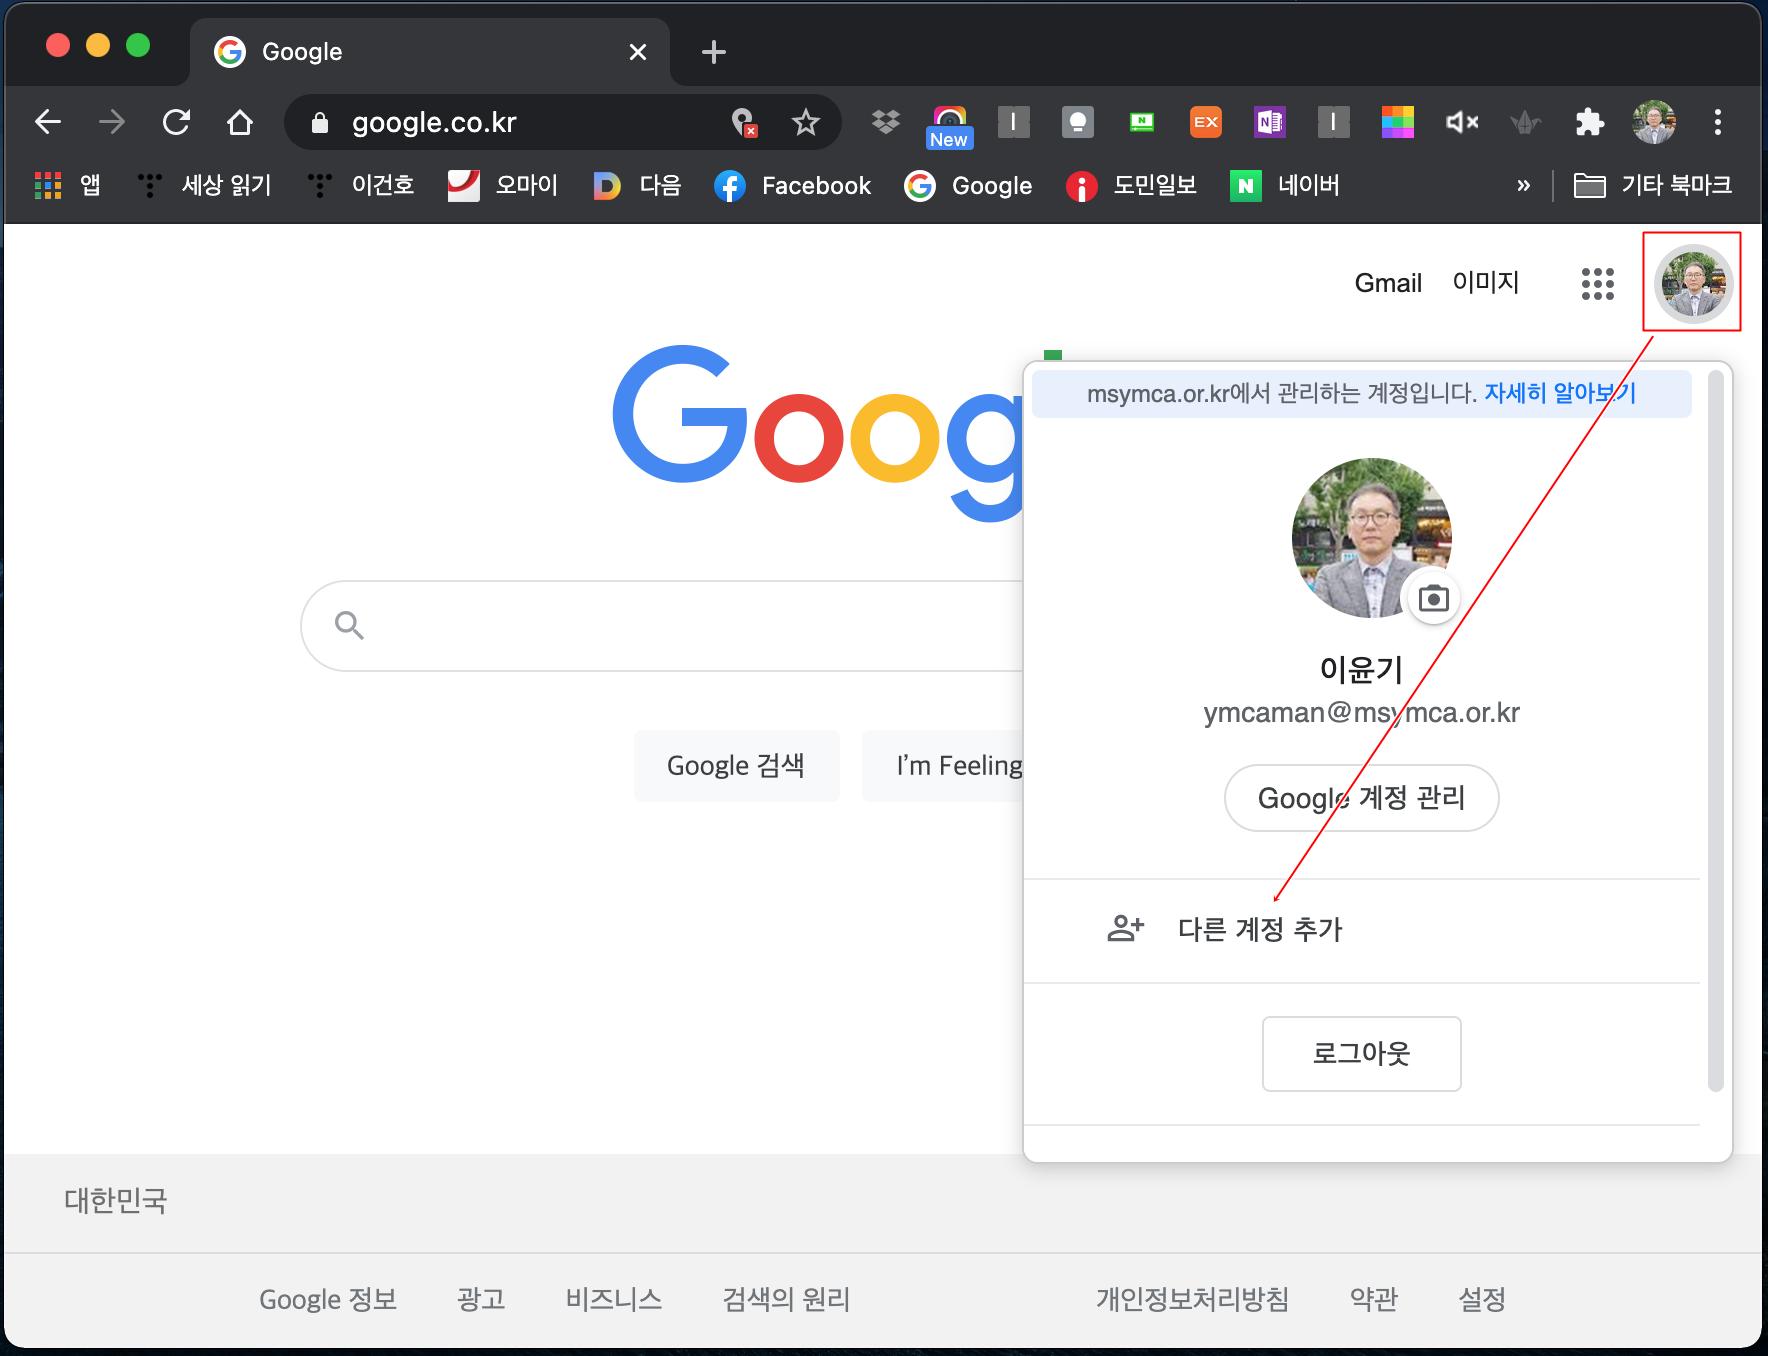 구글 아이디 3개를 번갈아 쓰는 방법